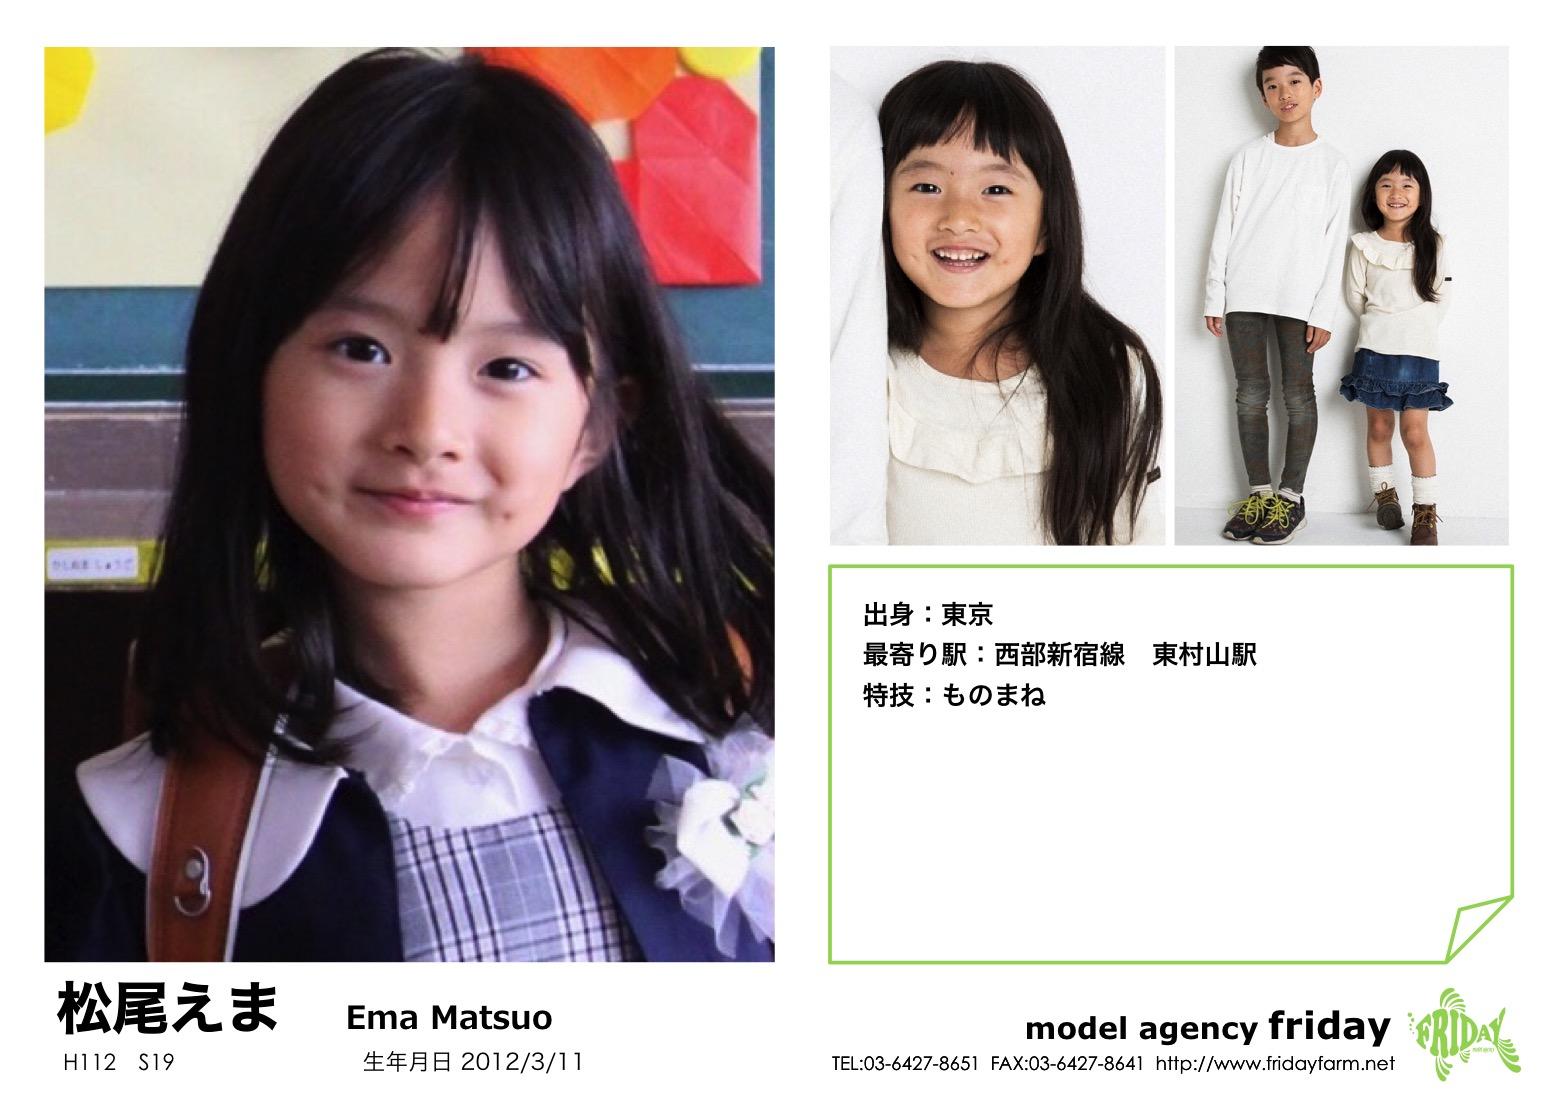 エマ - Ema | model agency friday